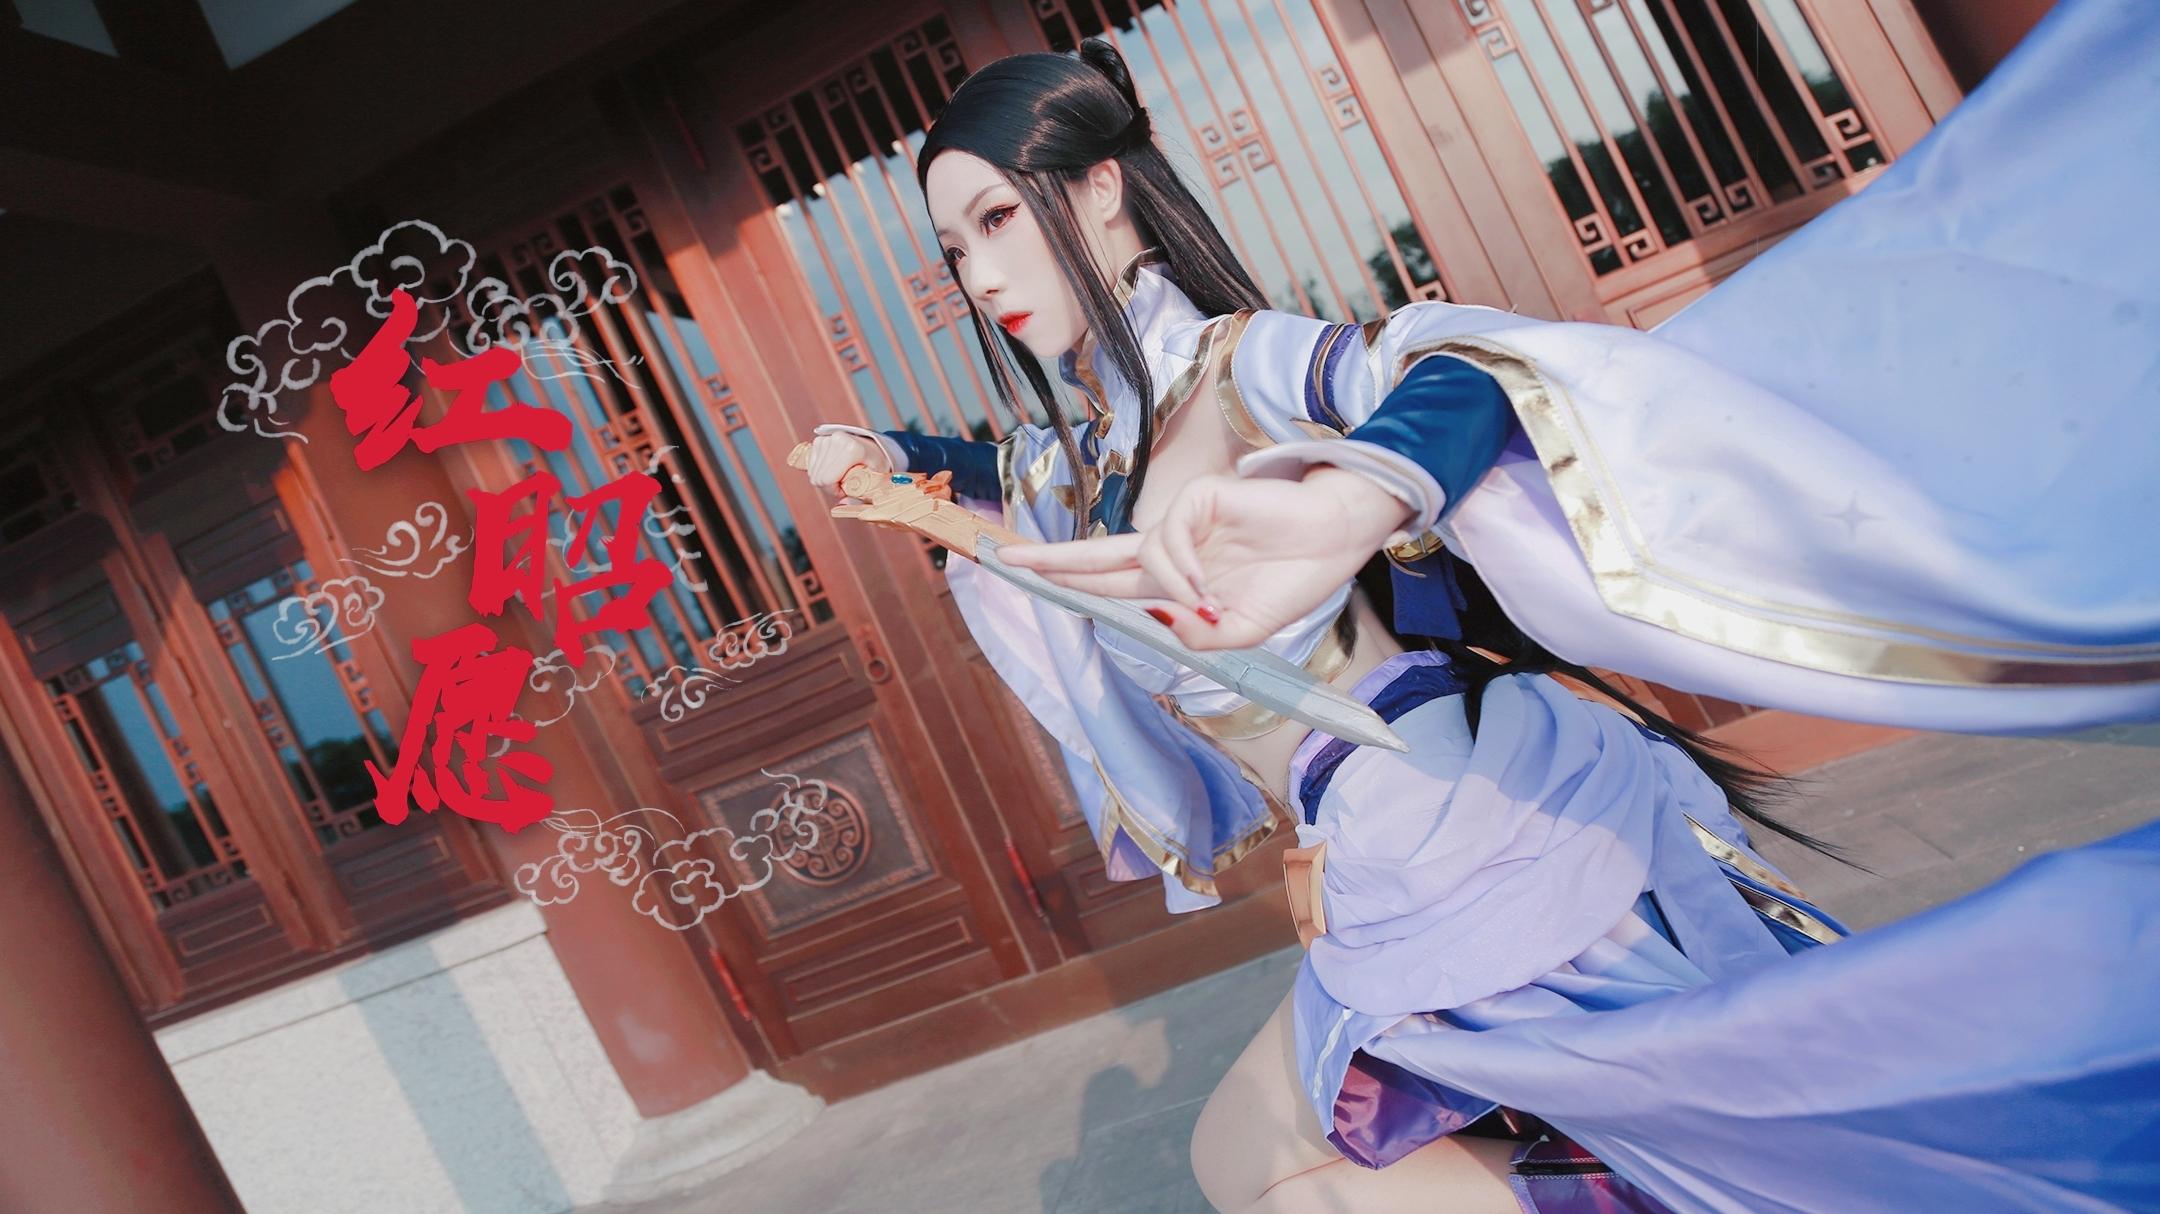 【木允】红昭愿露娜紫霞仙子cosplay 王者荣耀